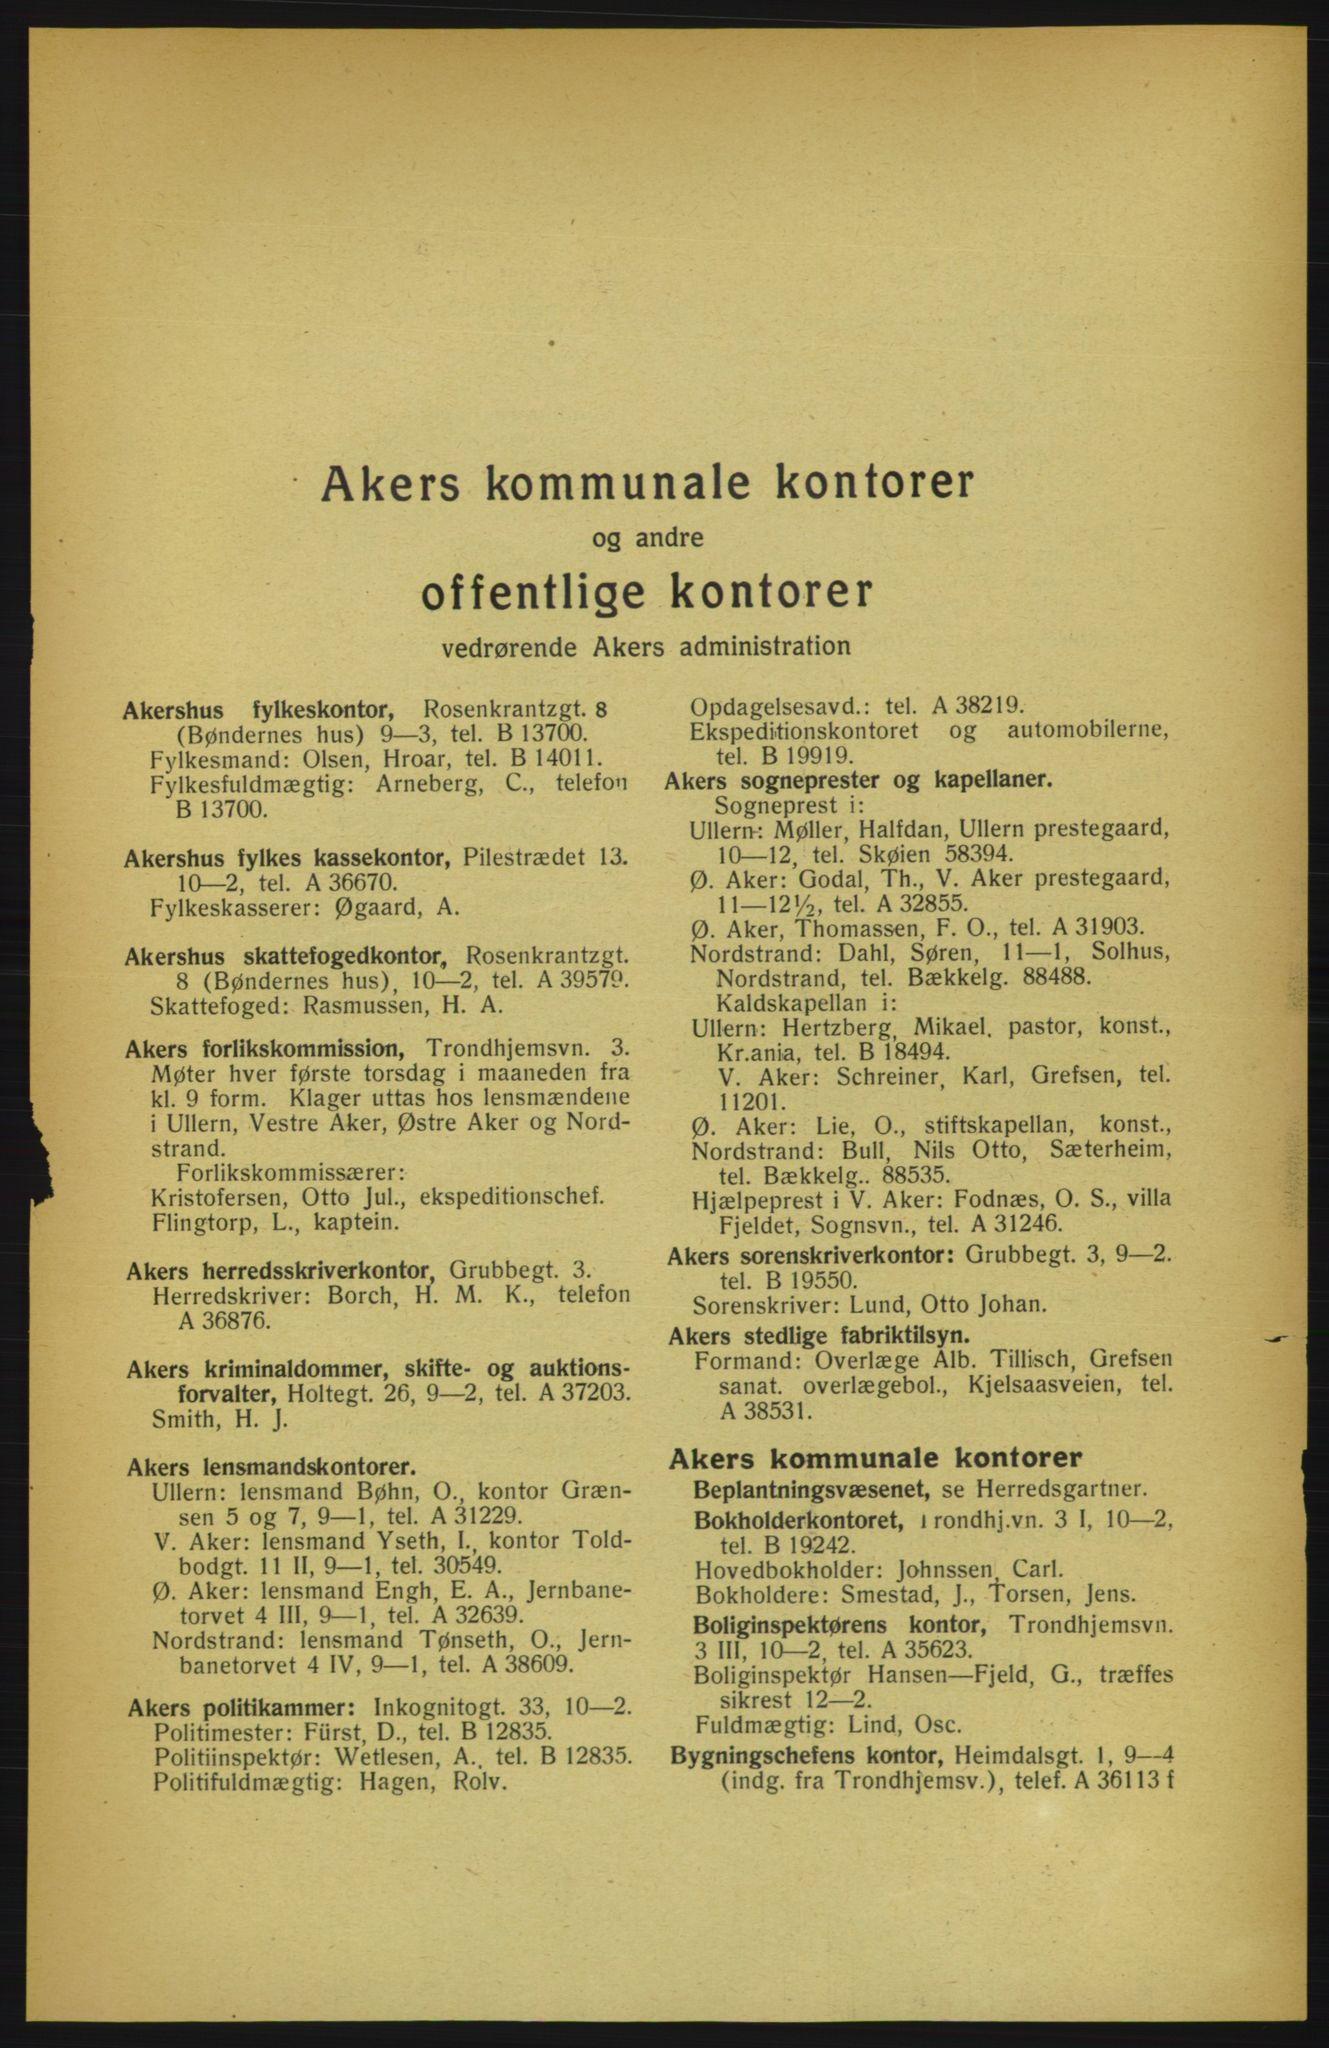 PUBL, Aker adressebok/adressekalender, 1922, p. 9